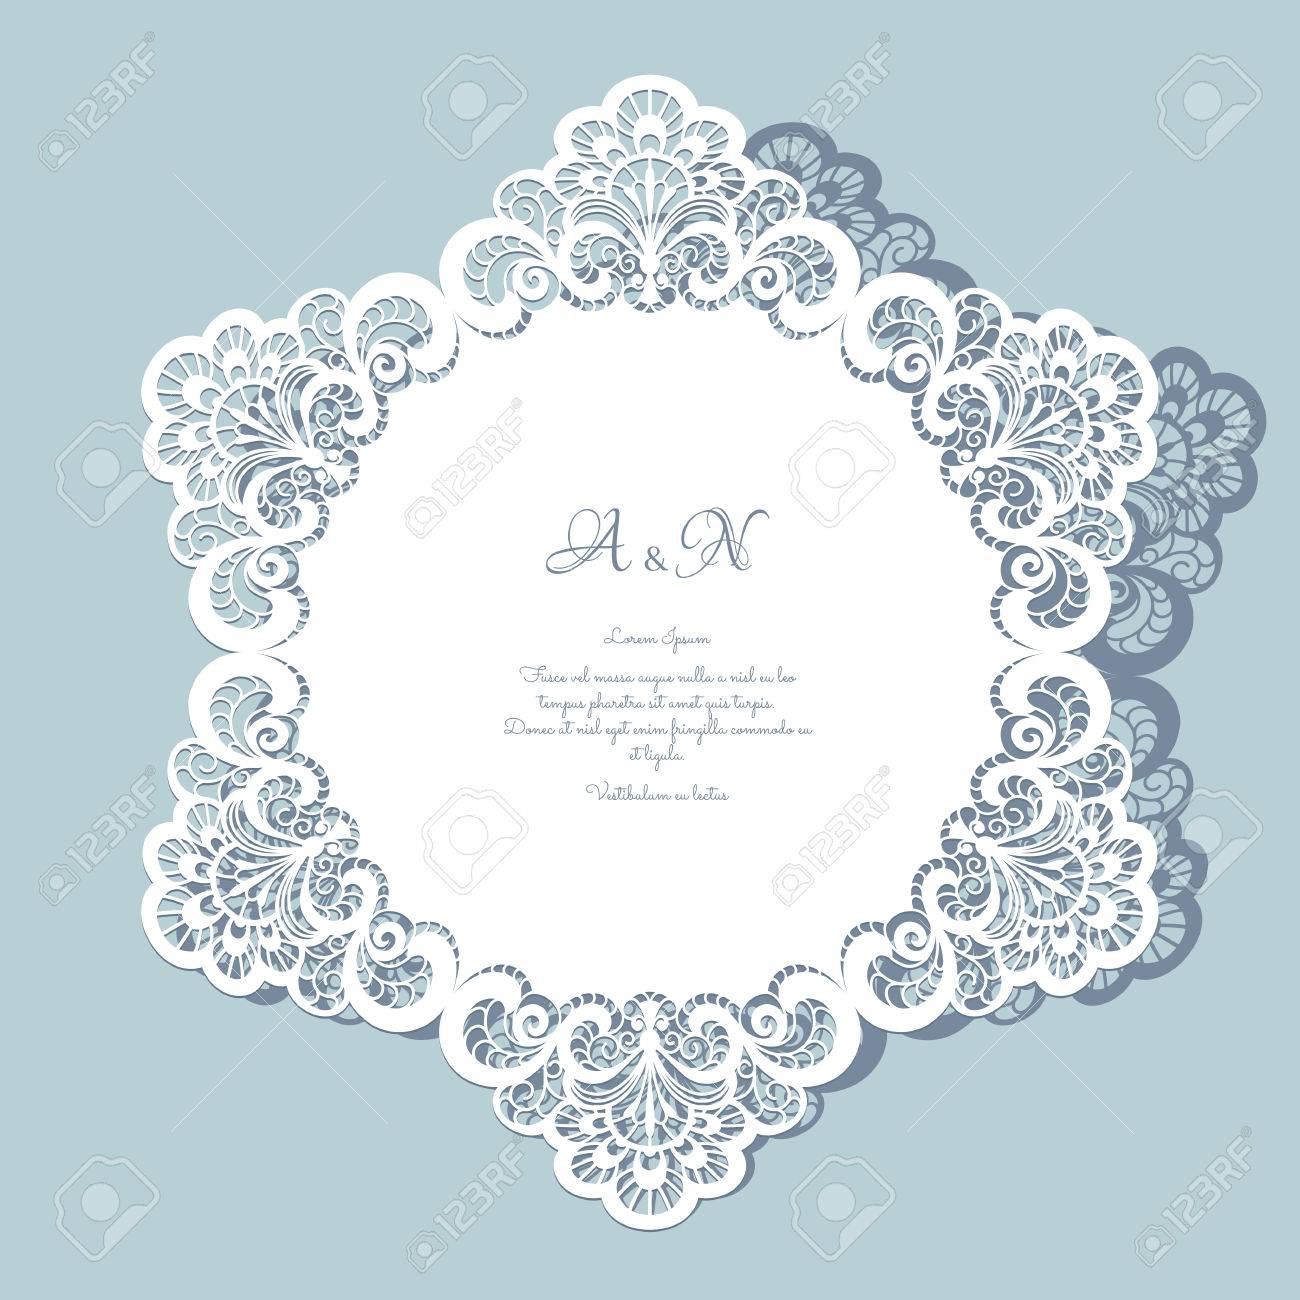 Ausgezeichnet Rustikale Hochzeitseinladungsschablone Ideen ...